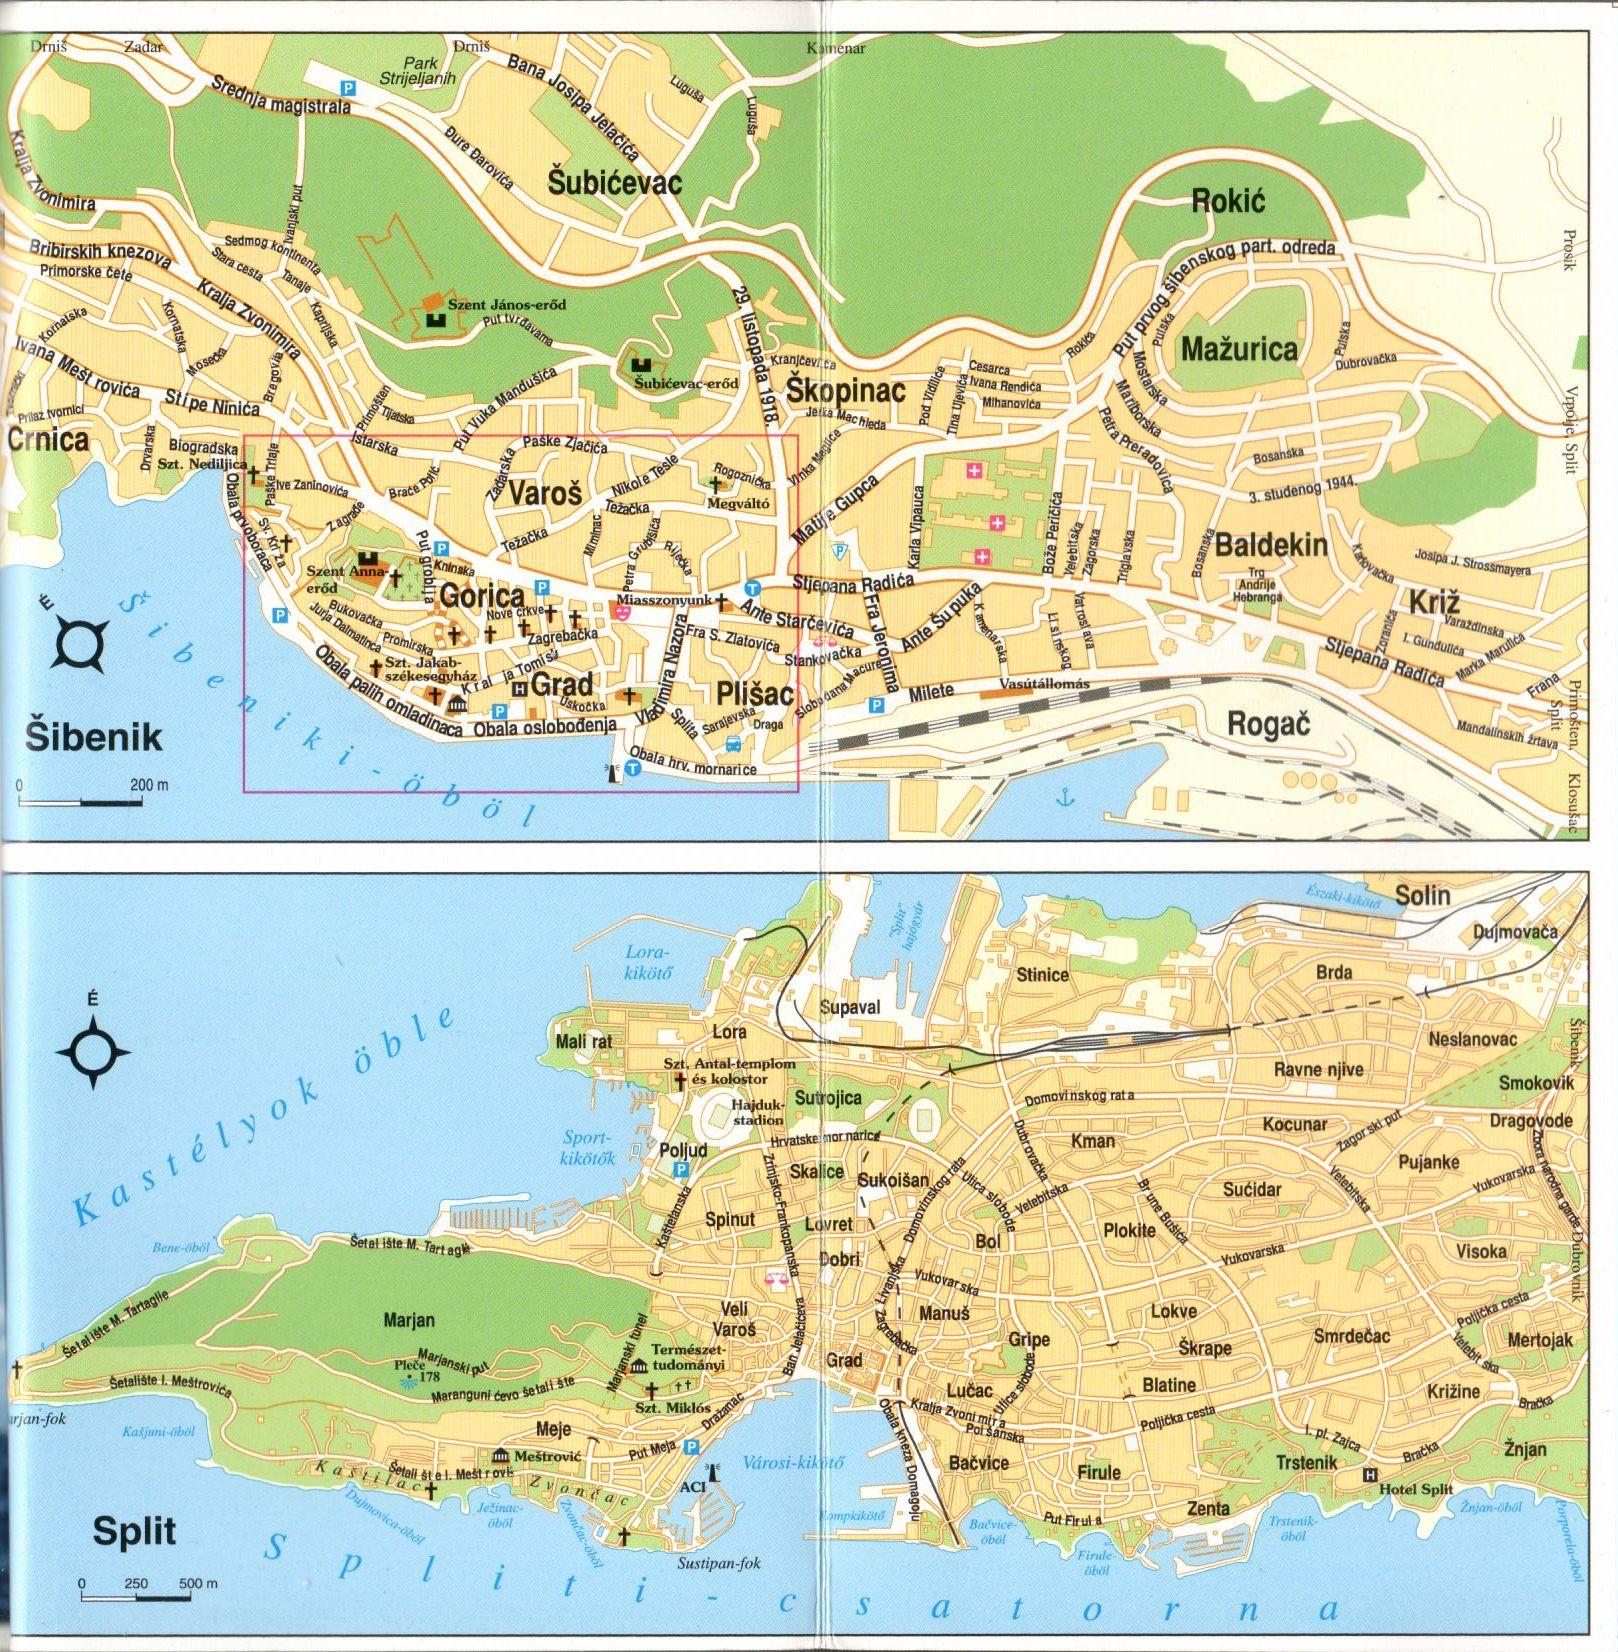 Dalmácia középső része várostérkép minta (Split)